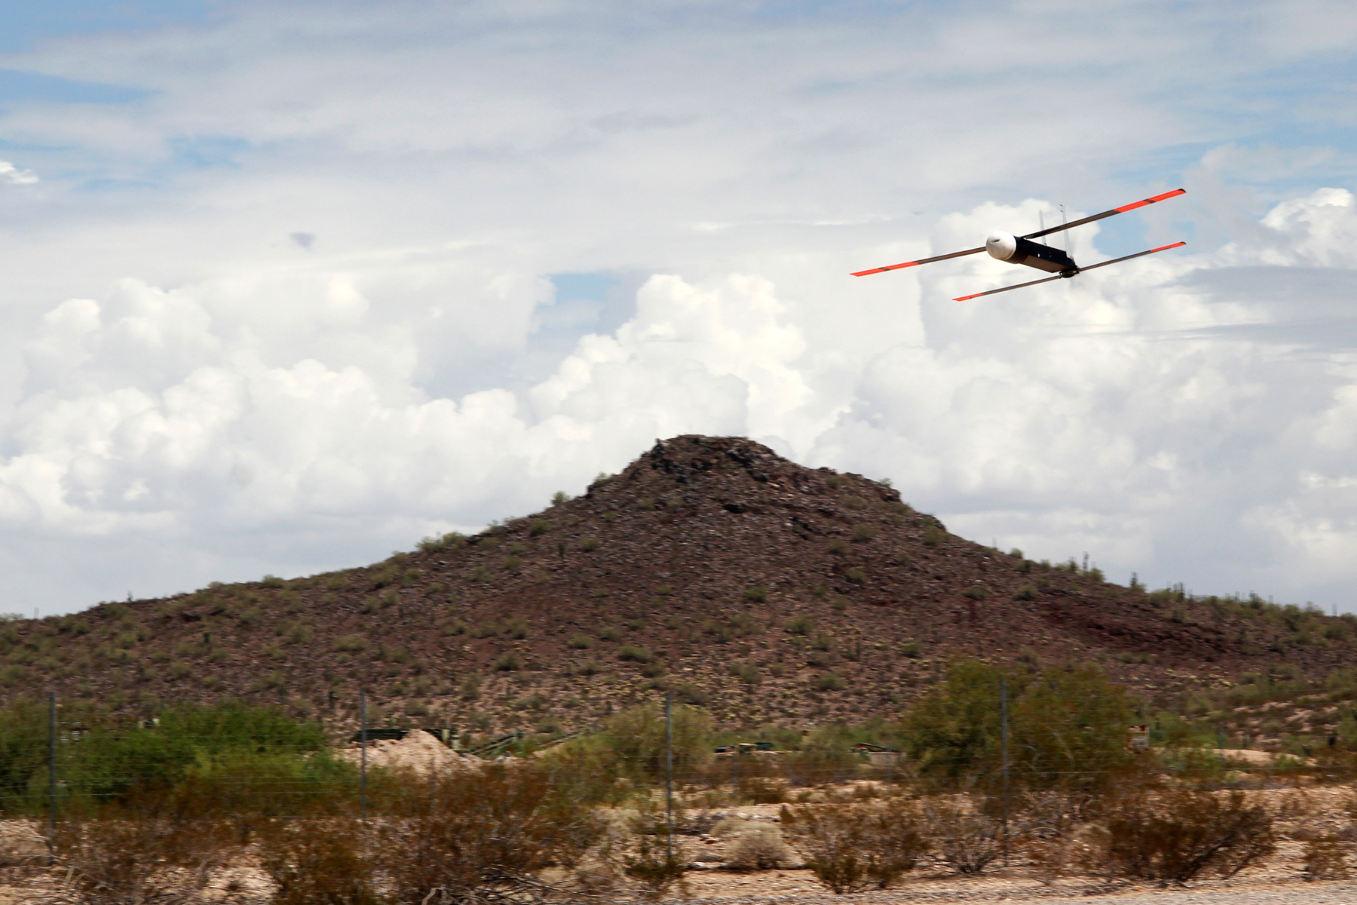 Raytheon accompagne l'armée américaine dans la lutte anti-drones